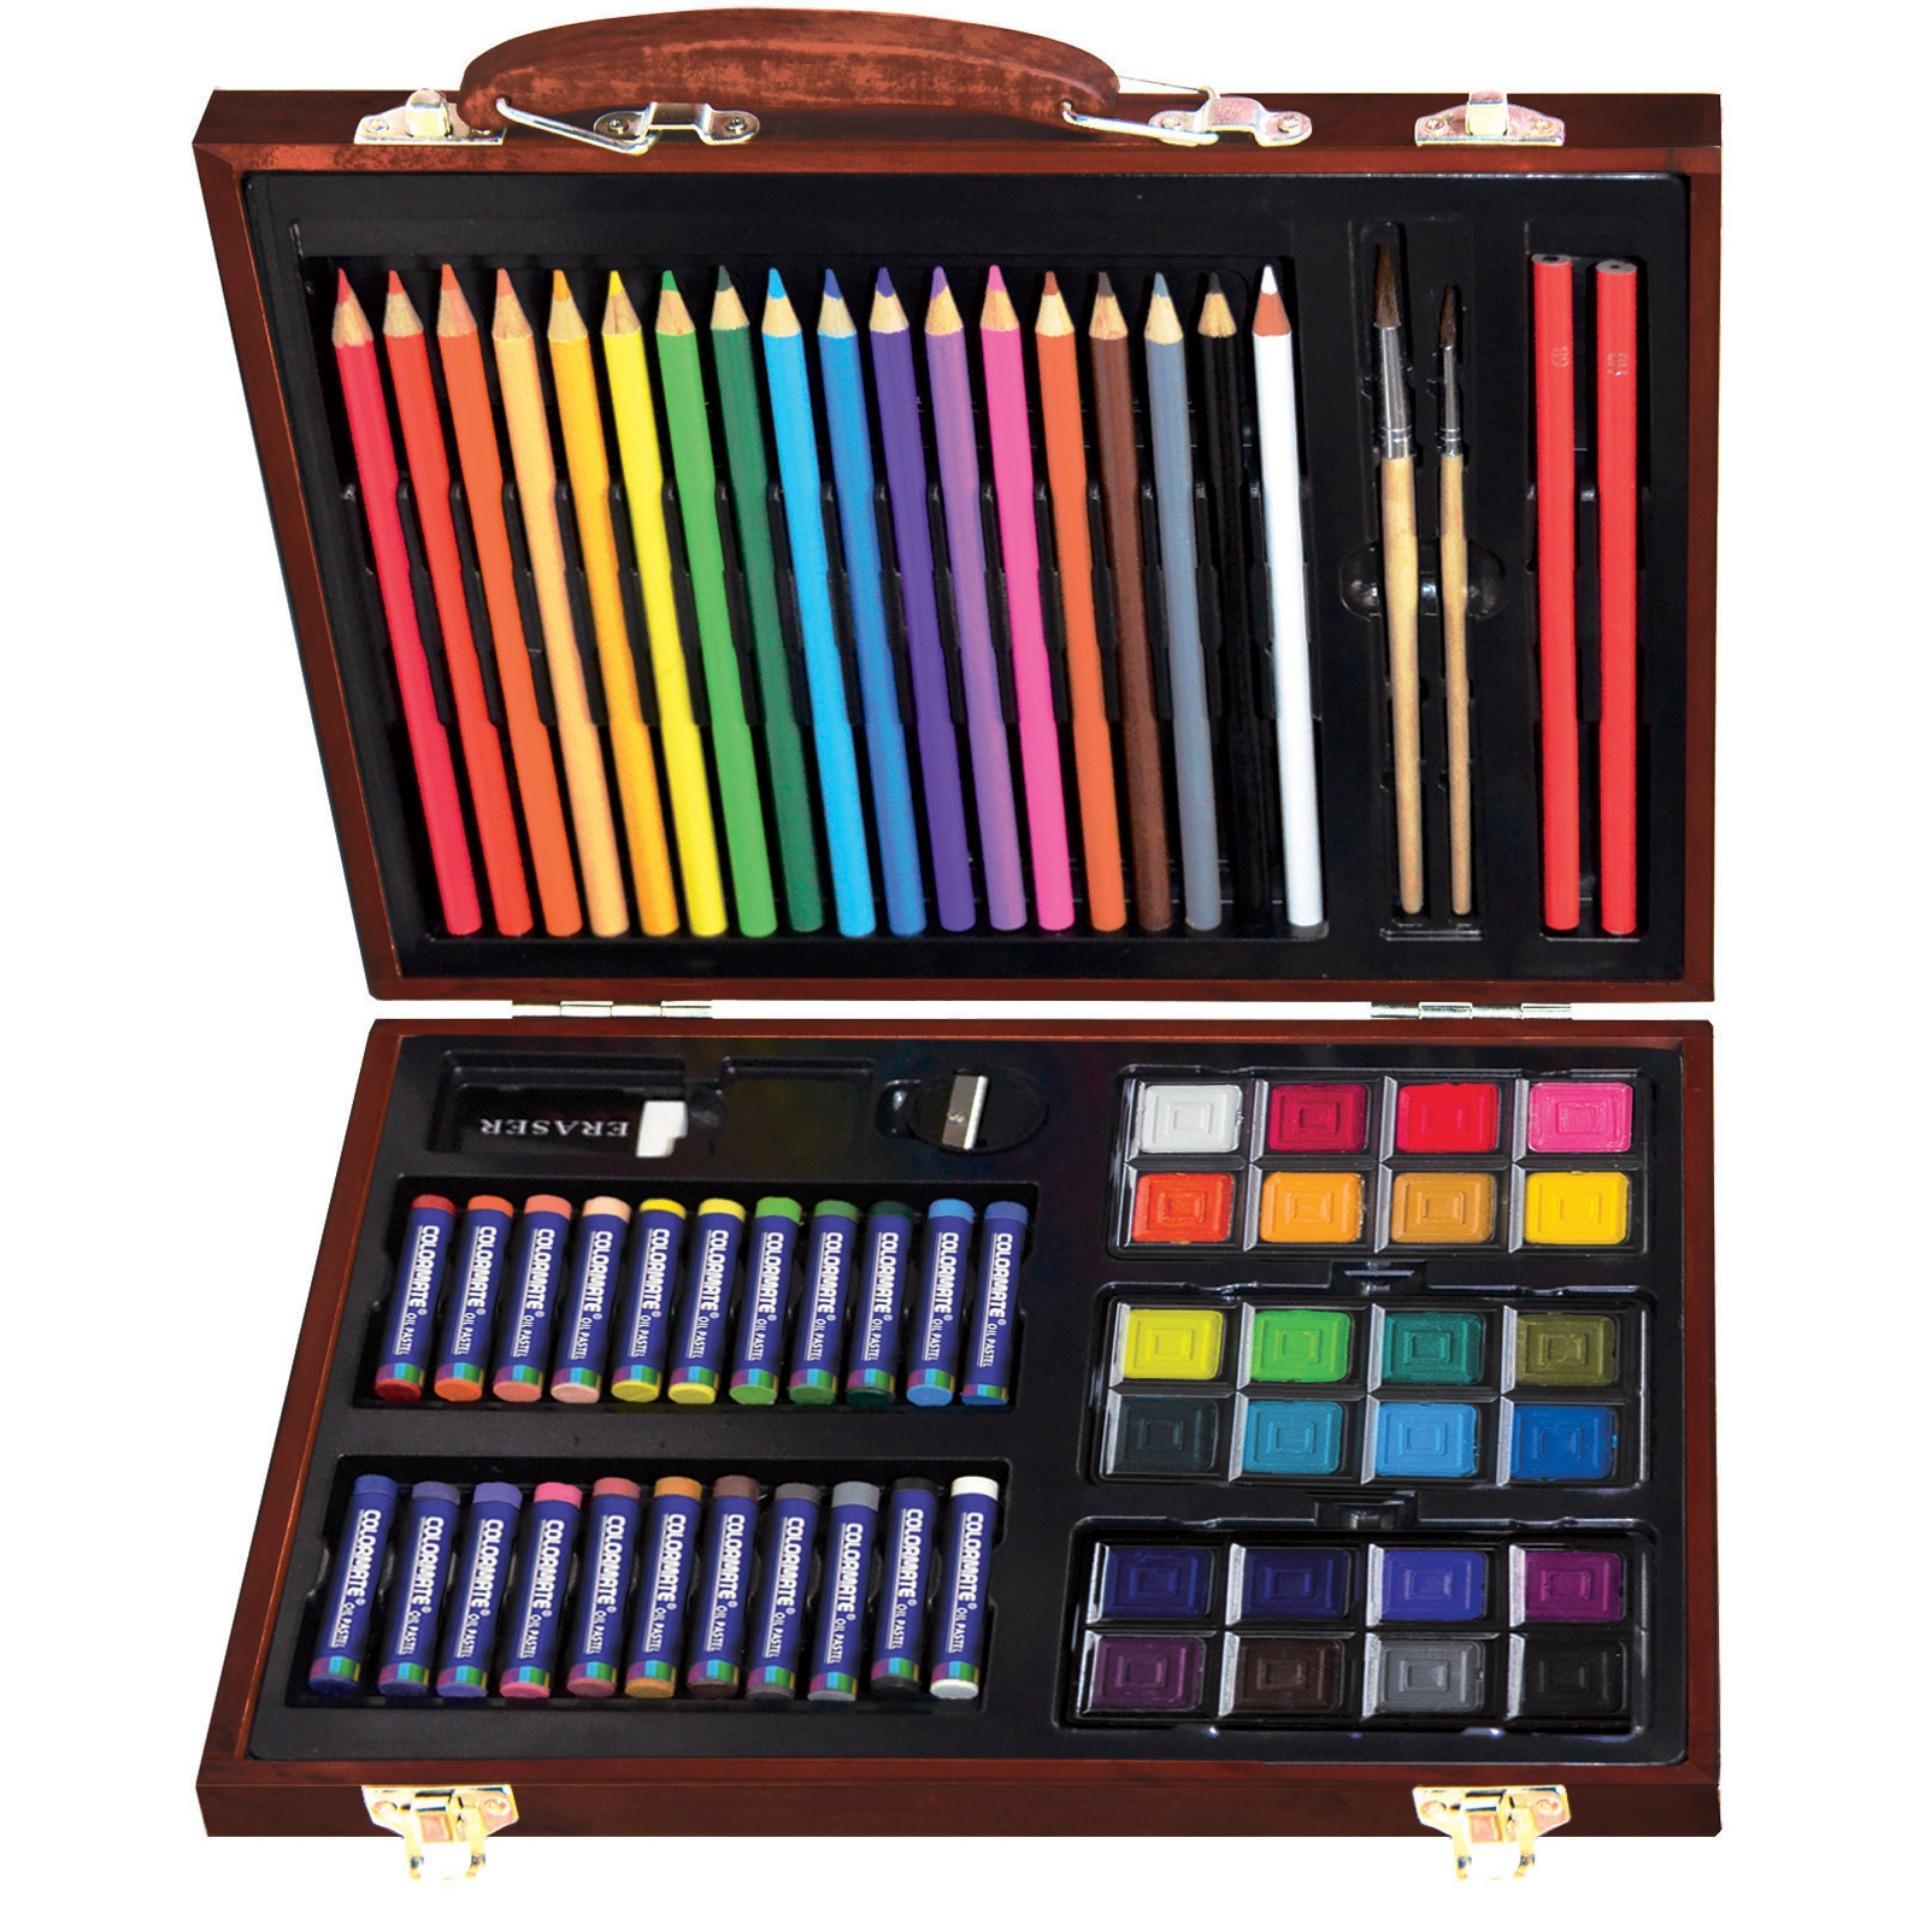 Giá Cực Tốt Để Sắm Bộ Màu Vẽ đa Năng Hộp Gỗ Colormate MS-74W